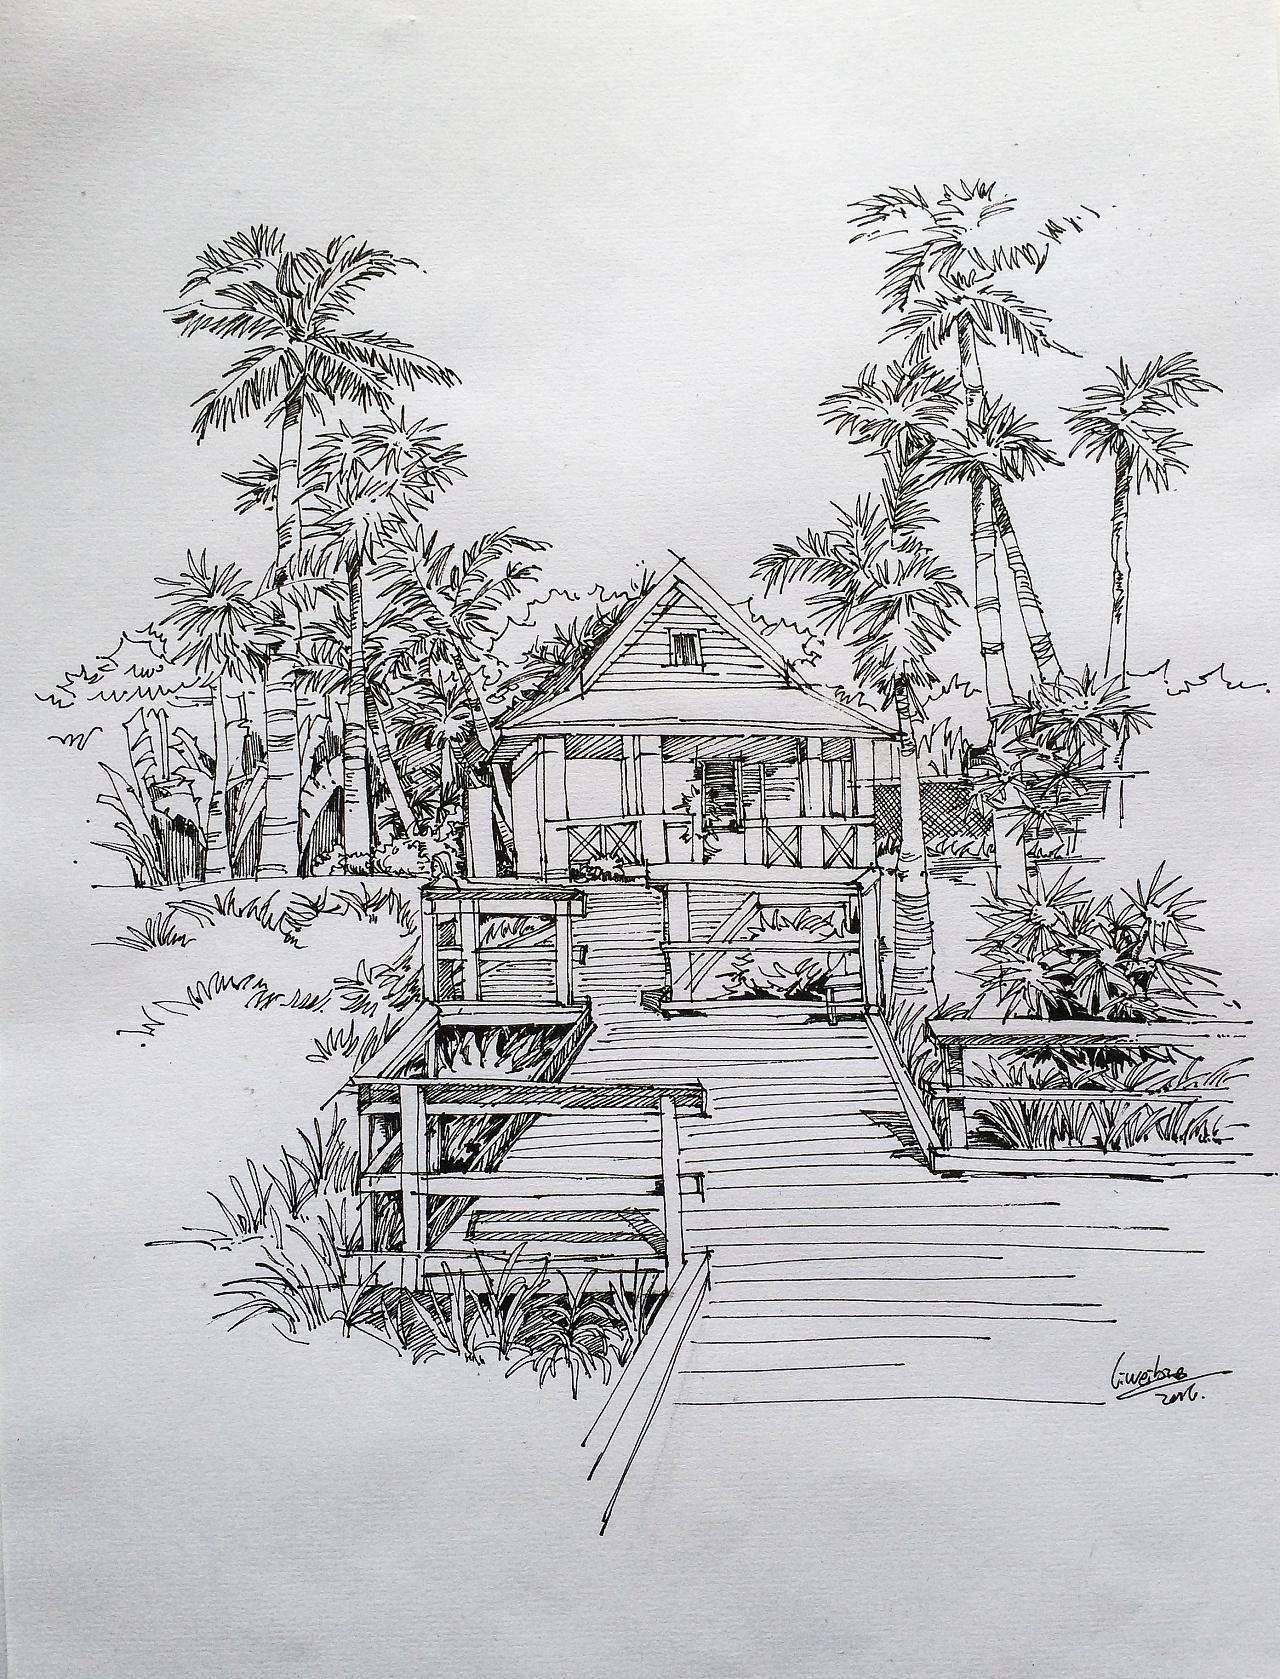 景观速写手绘图片-风景手绘速写_园林景观手绘线稿_高清景观速写手绘